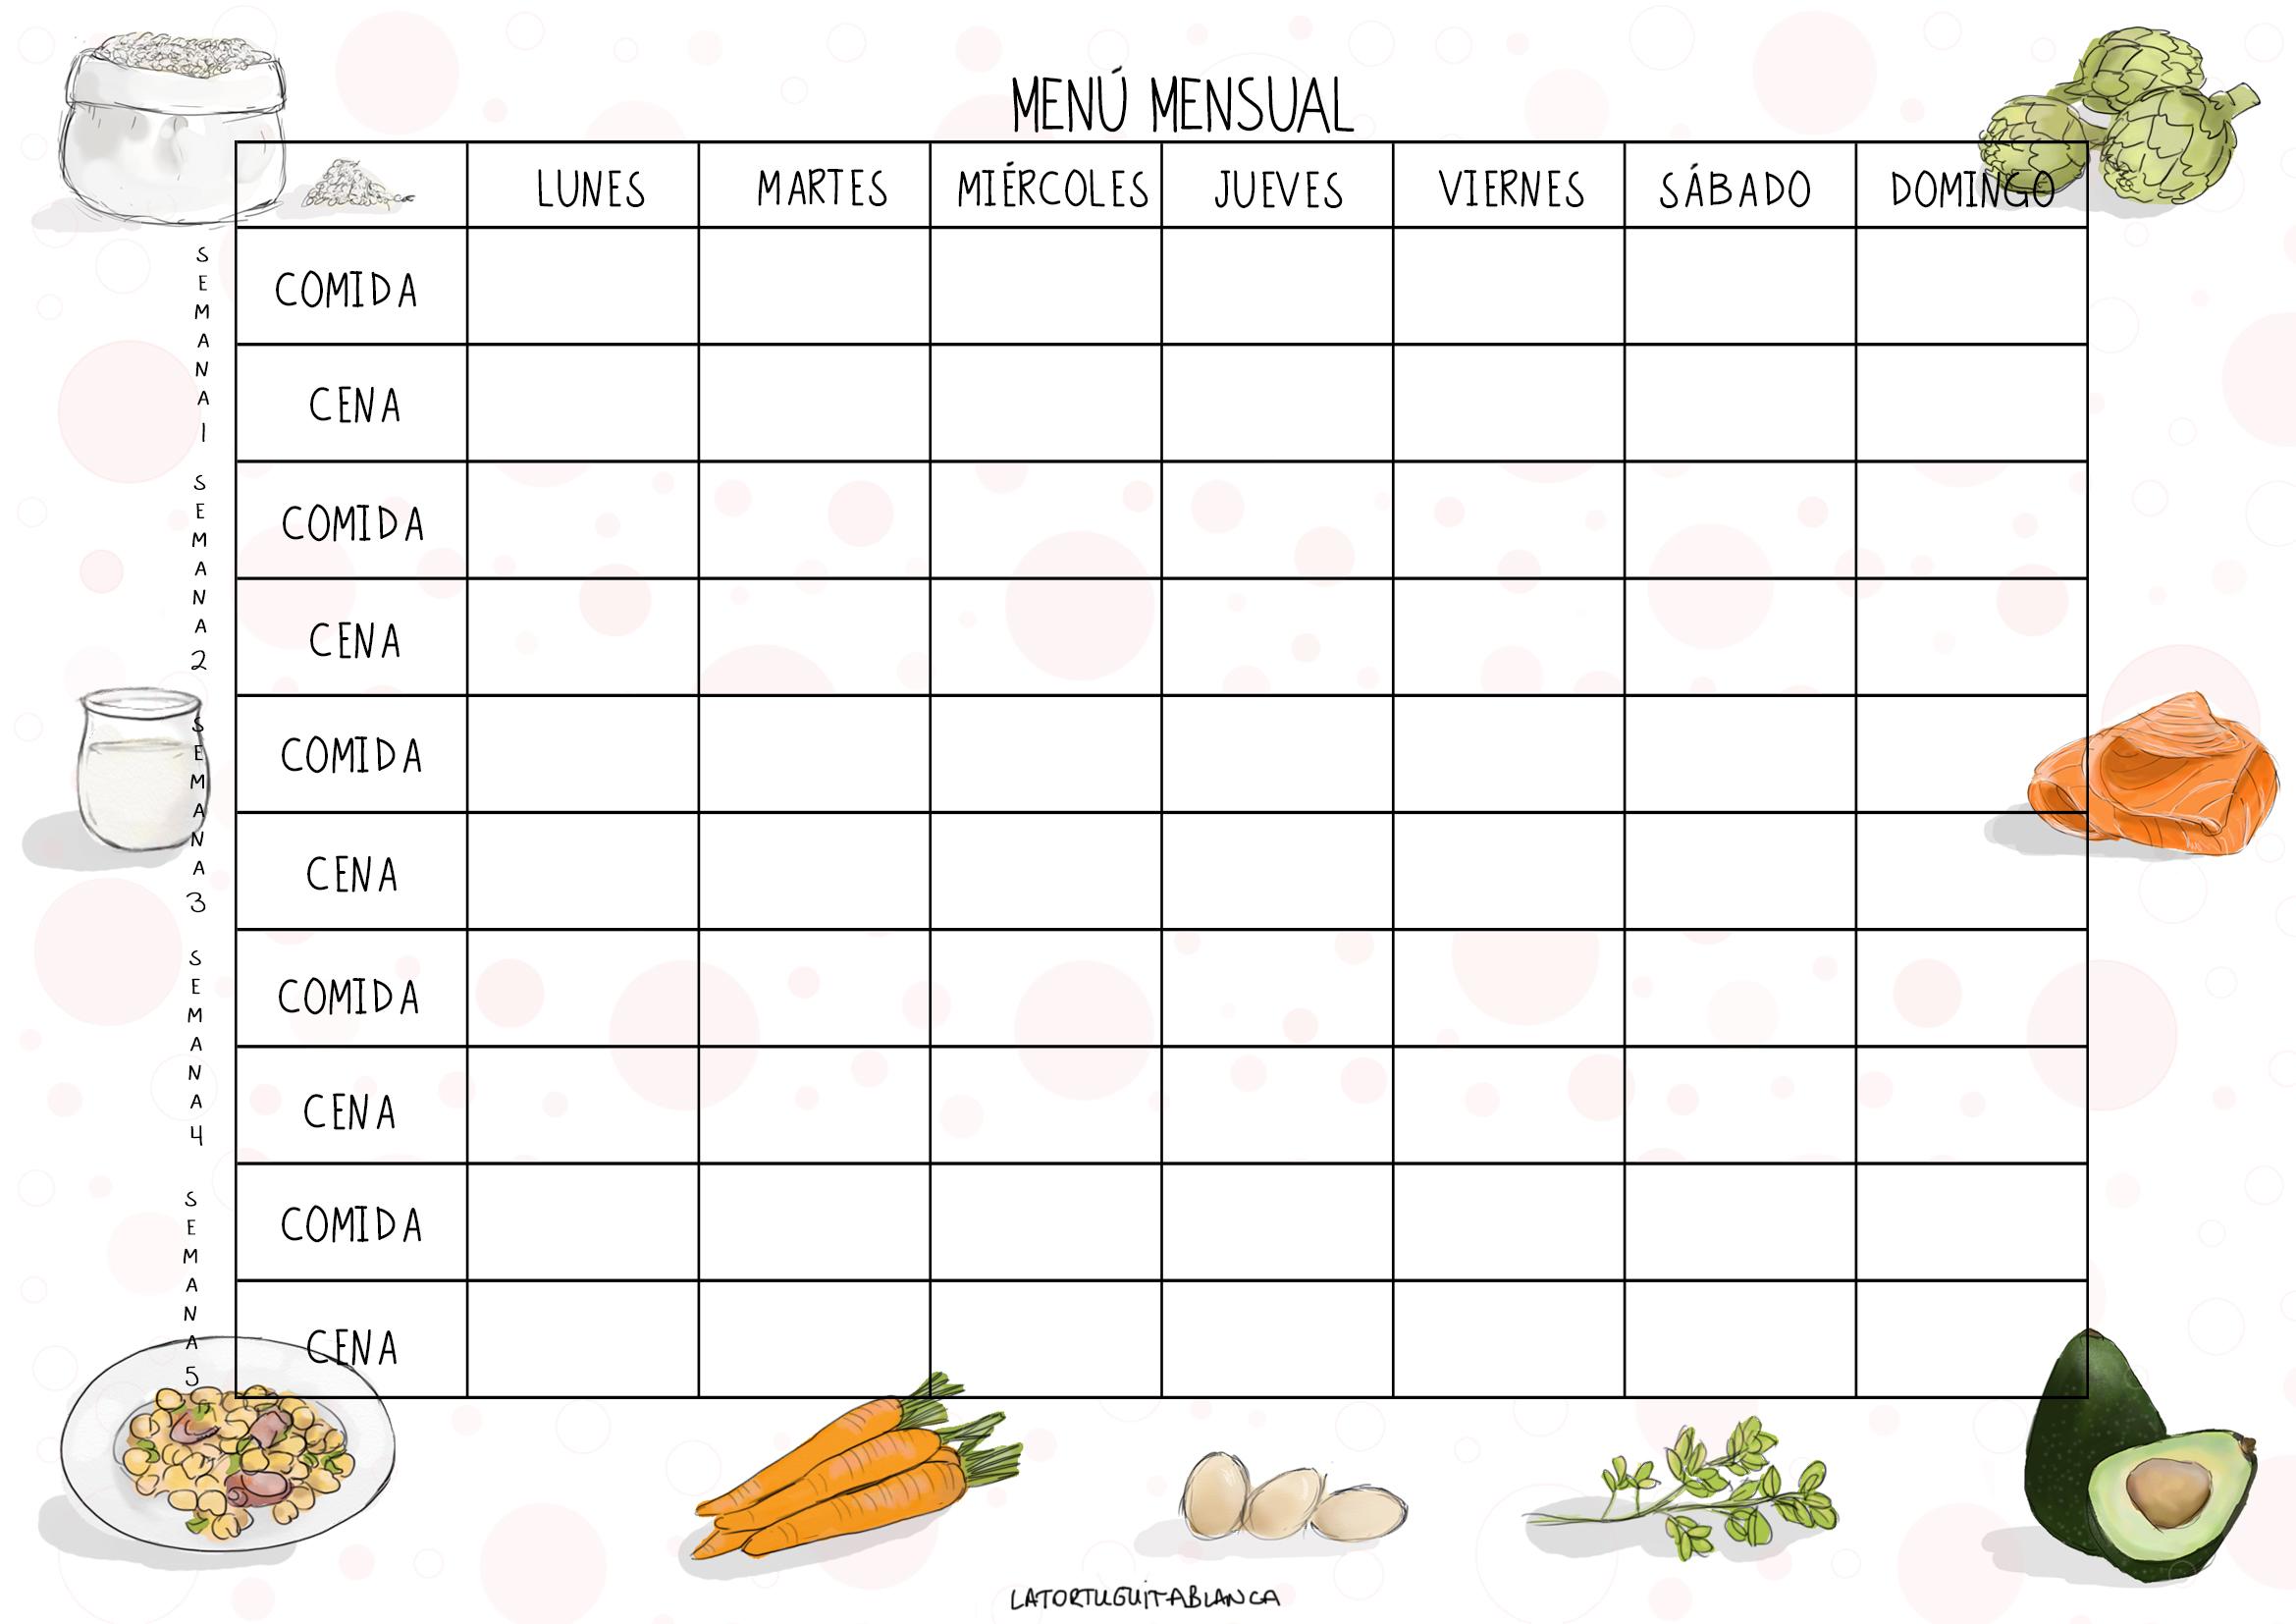 Plantilla menú mensual La Tortuguita Blanca